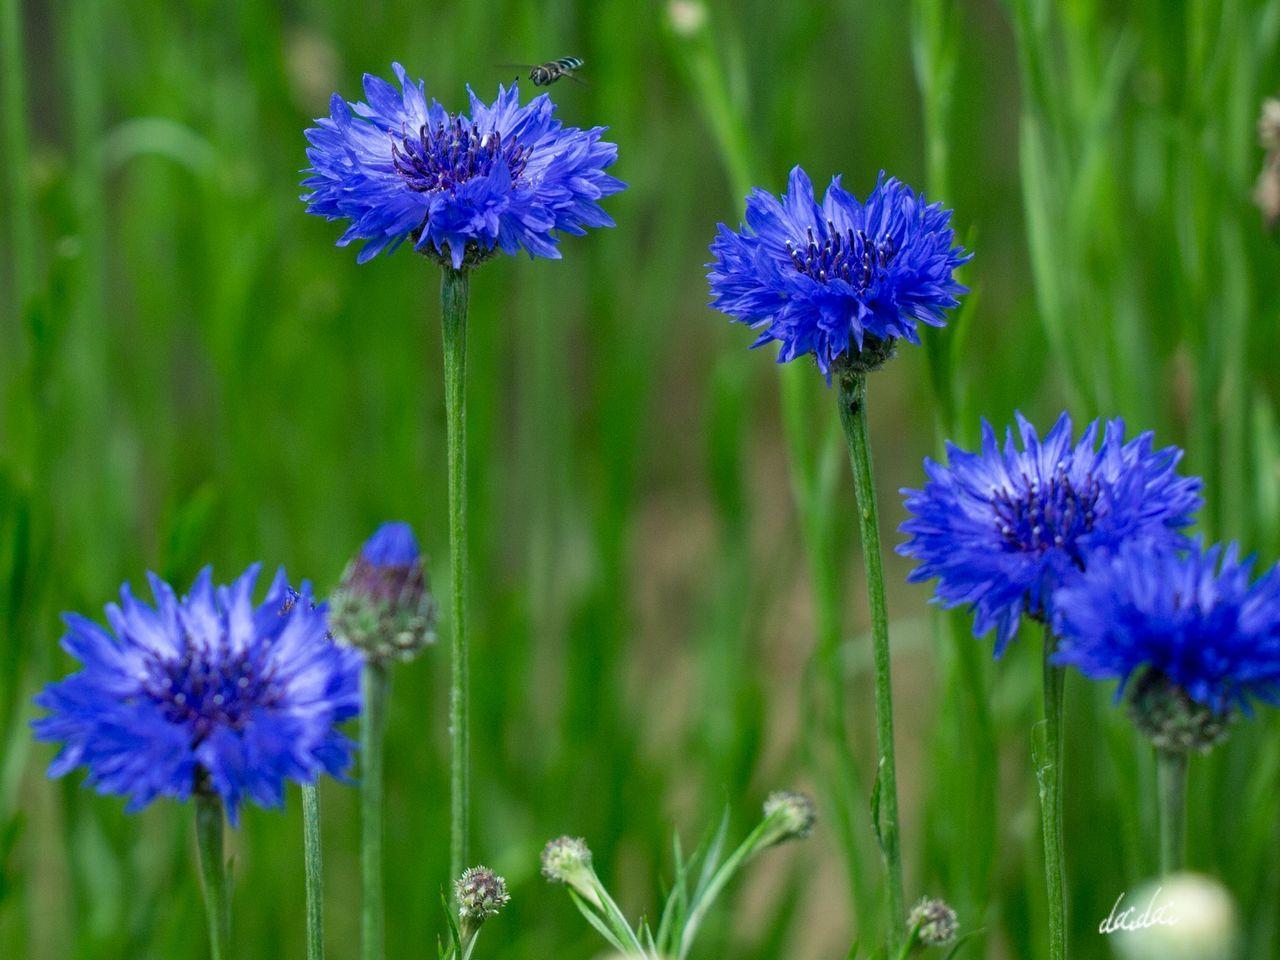 イライラしたことなんかさっさと忘れてしまいましょう E-PL3 Nature The Great Outdoors - 2017 EyeEm Awards 花 Flower Beauty In Nature RAW 編集 Blue 海の中道海浜公園 矢車菊